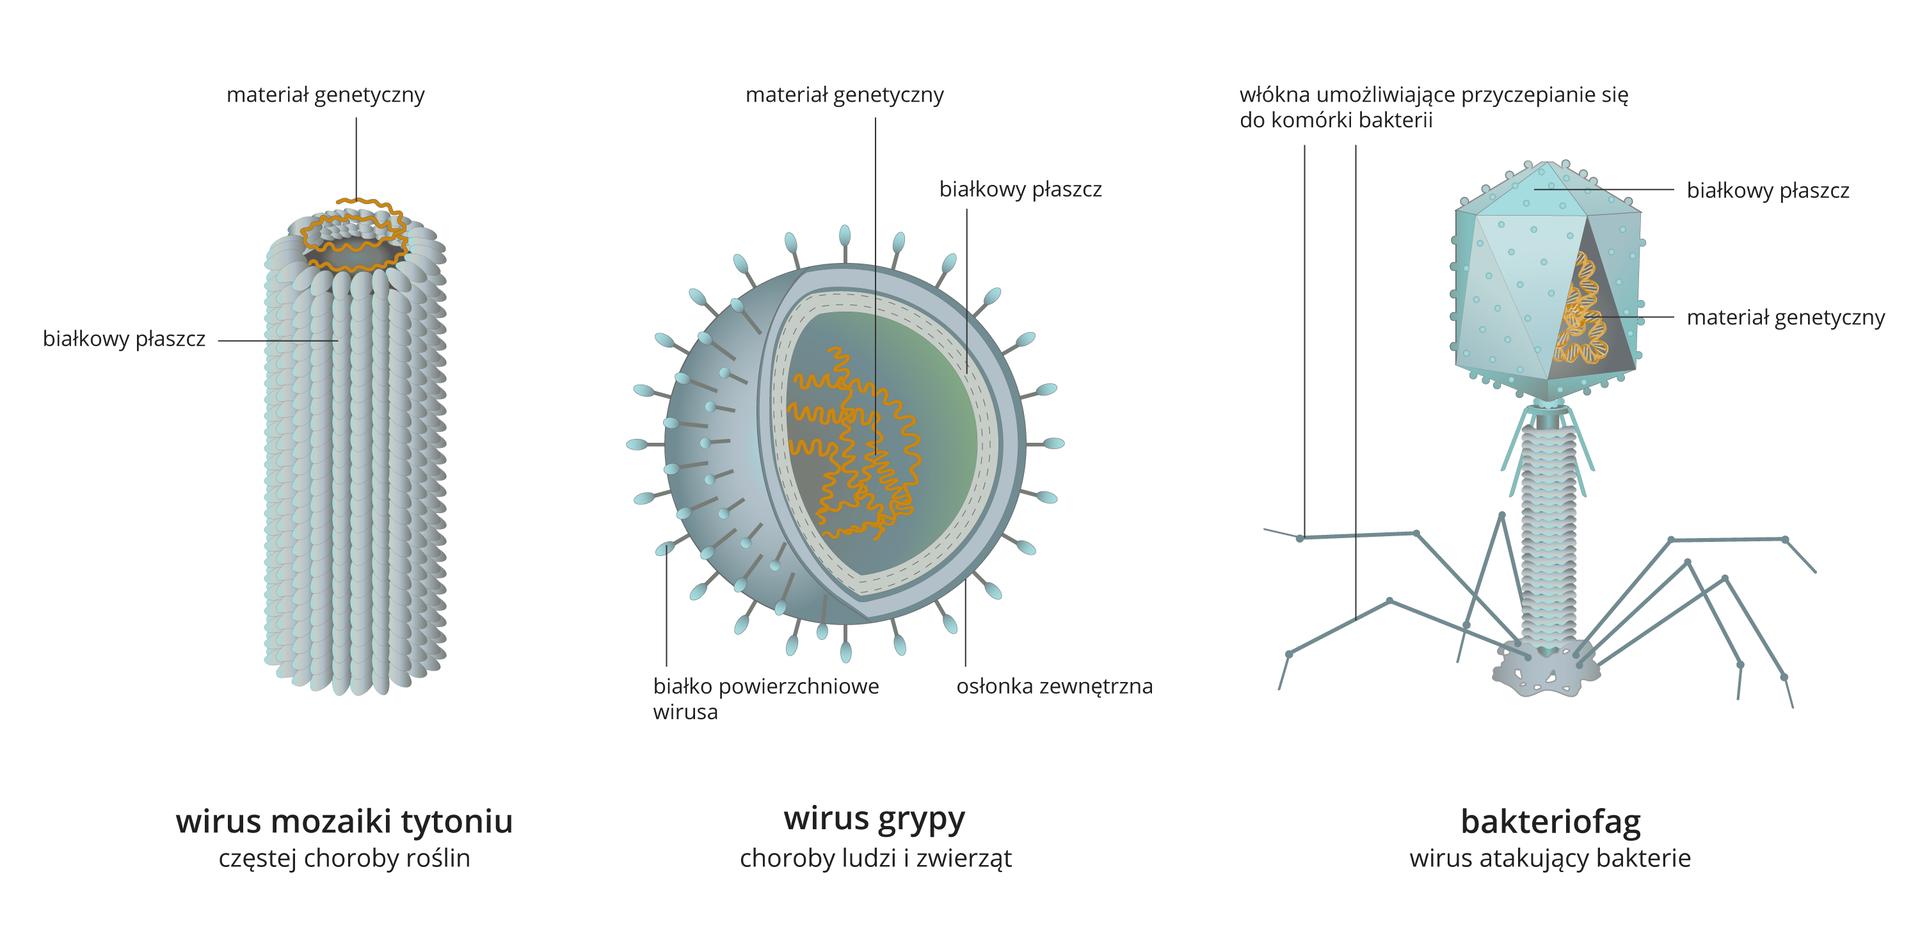 Ilustracja trzecia składa się ztrzech schematów przedstawiających budowę trzech wybranych wirusów. Pierwszy wirus po lewej stronie, to wirus mozaiki tytoniu. Wirus tworzy struktura wformie walca, utworzona przez małe, gęsto przylegające do siebie elementy przypominające ziarna na kolbie kukurydzy. Jest to płaszcz białkowy. Wewnątrz spłaszcza znajduje się skręcony spiralnie wąski pasek. Jest to materiał genetyczny. Poniżej informacja: wirus mozaiki tytoniu częstej choroby roślin.Drugi schemat po środku ilustracji to wirus grypy, który ma kształt kuli. Zewnętrzną warstwę kuli tworzą dwie przylegające warstwy. Zewnętrzna to osłonka zewnętrzna. Na powierzchni osłonki rozmieszczone są krótkie wypustki zmałymi owalnymi zakończeniami. Są to białka powierzchniowe wirusa. Druga przylegająca do niej warstwa, to białkowy płaszcz. Wnętrze kuli wypełnia spieralnie skręcony materiał genetyczny. Spiralne żółte linie nakładają się jedna na drugą. Poniżej informacja: wirus grypy, choroby ludzi izwierząt.Trzeci schemat przedstawia wirusa – bakteriofaga. Bakteriofag to struktura składająca się zkrótkiej rurki, która jest oparta na sześciu bardzo cienkich odnogach. Rurka wgórnej części zakończona jest elementem wkształcie wielościanu. Jego zewnętrzna powierzchni pokryta jest zaokrąglonymi wypustkami. Wirus oparty jest na sześciu wypustkach. Są to włókna umożliwiające przyczepienie się do komórki bakterii. Górna część bakteriofaga to płaszcz białkowy. Wewnątrz znajduje się materiał genetyczny wkształcie skręconej spiralnie żółtej linii. Poniżej informacja: bakteriofag wirus atakujący bakterie.